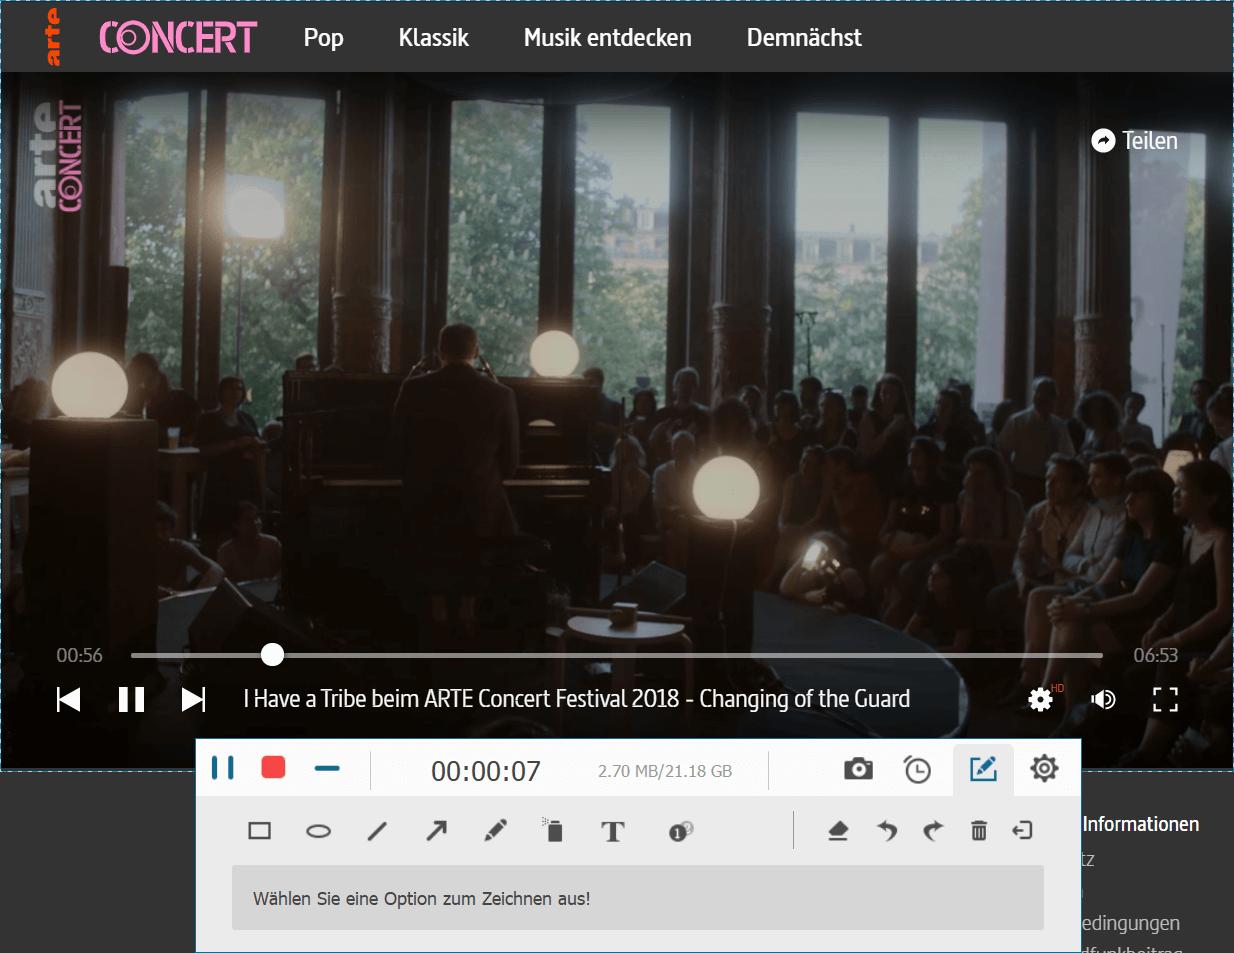 ARTE-Mediathek und -Livestream aufnehmen auf PC, Android